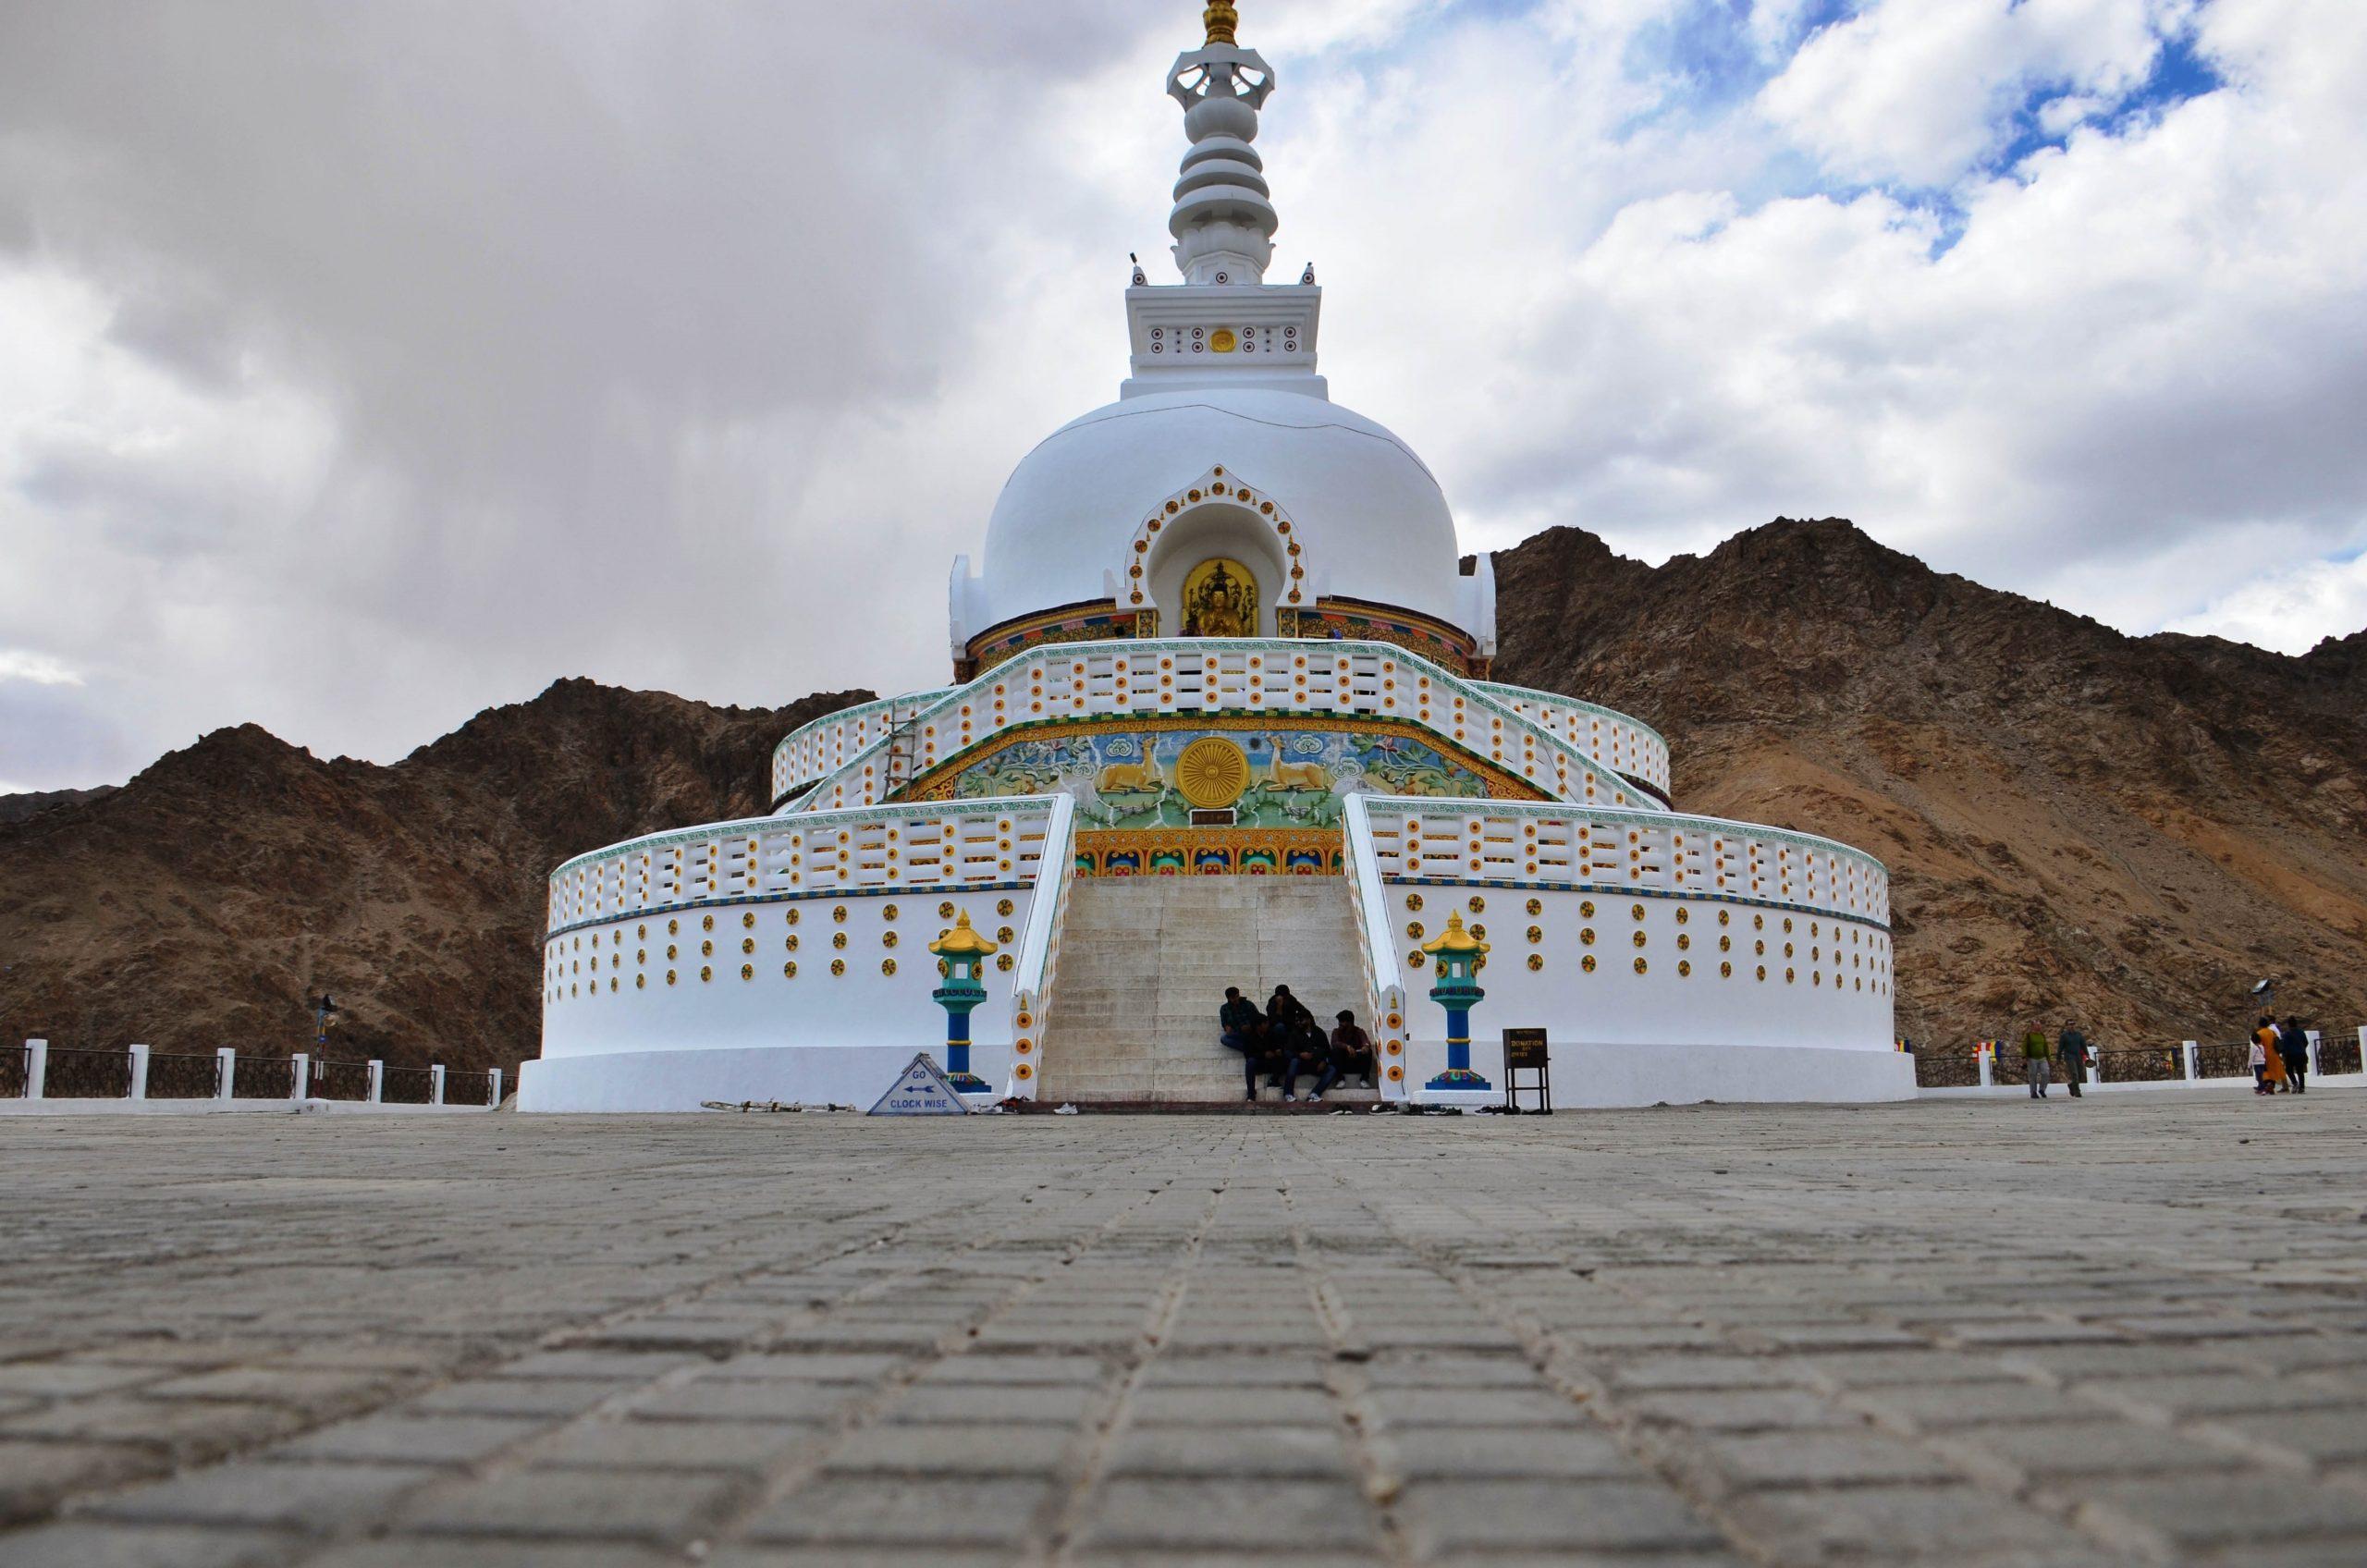 Shanti Stupa Monument in Leh